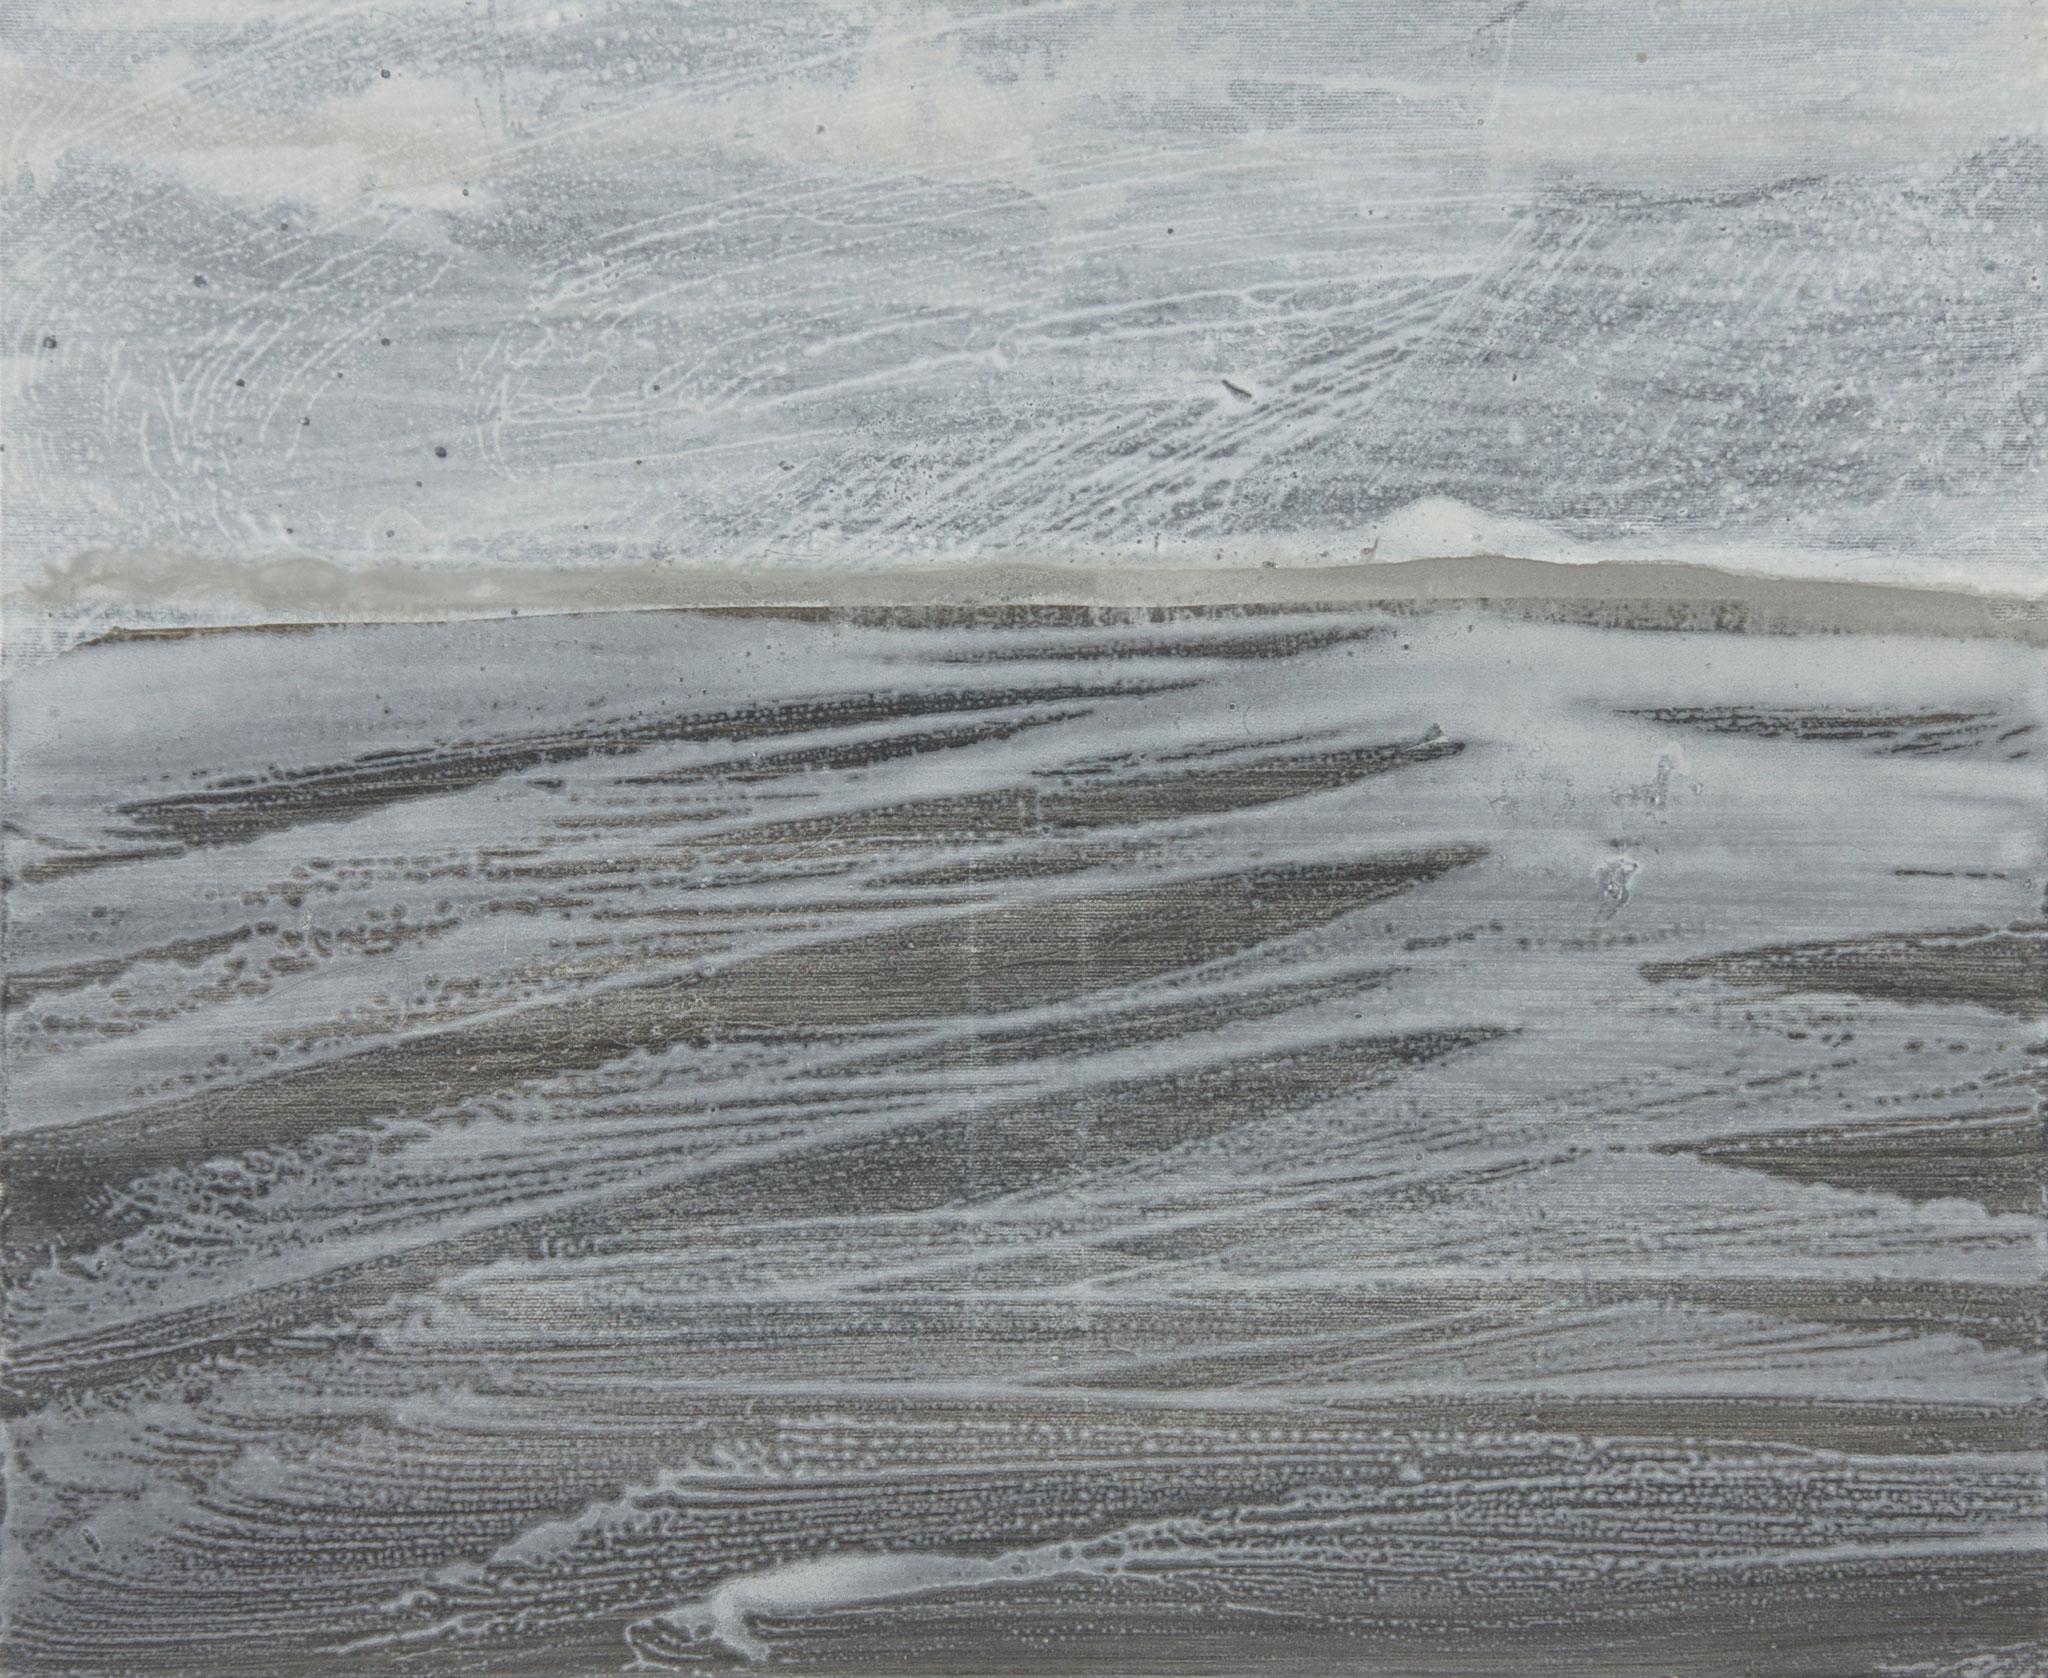 fadia Haddad landscape Pigments et médium acrylique sur toile- 2012